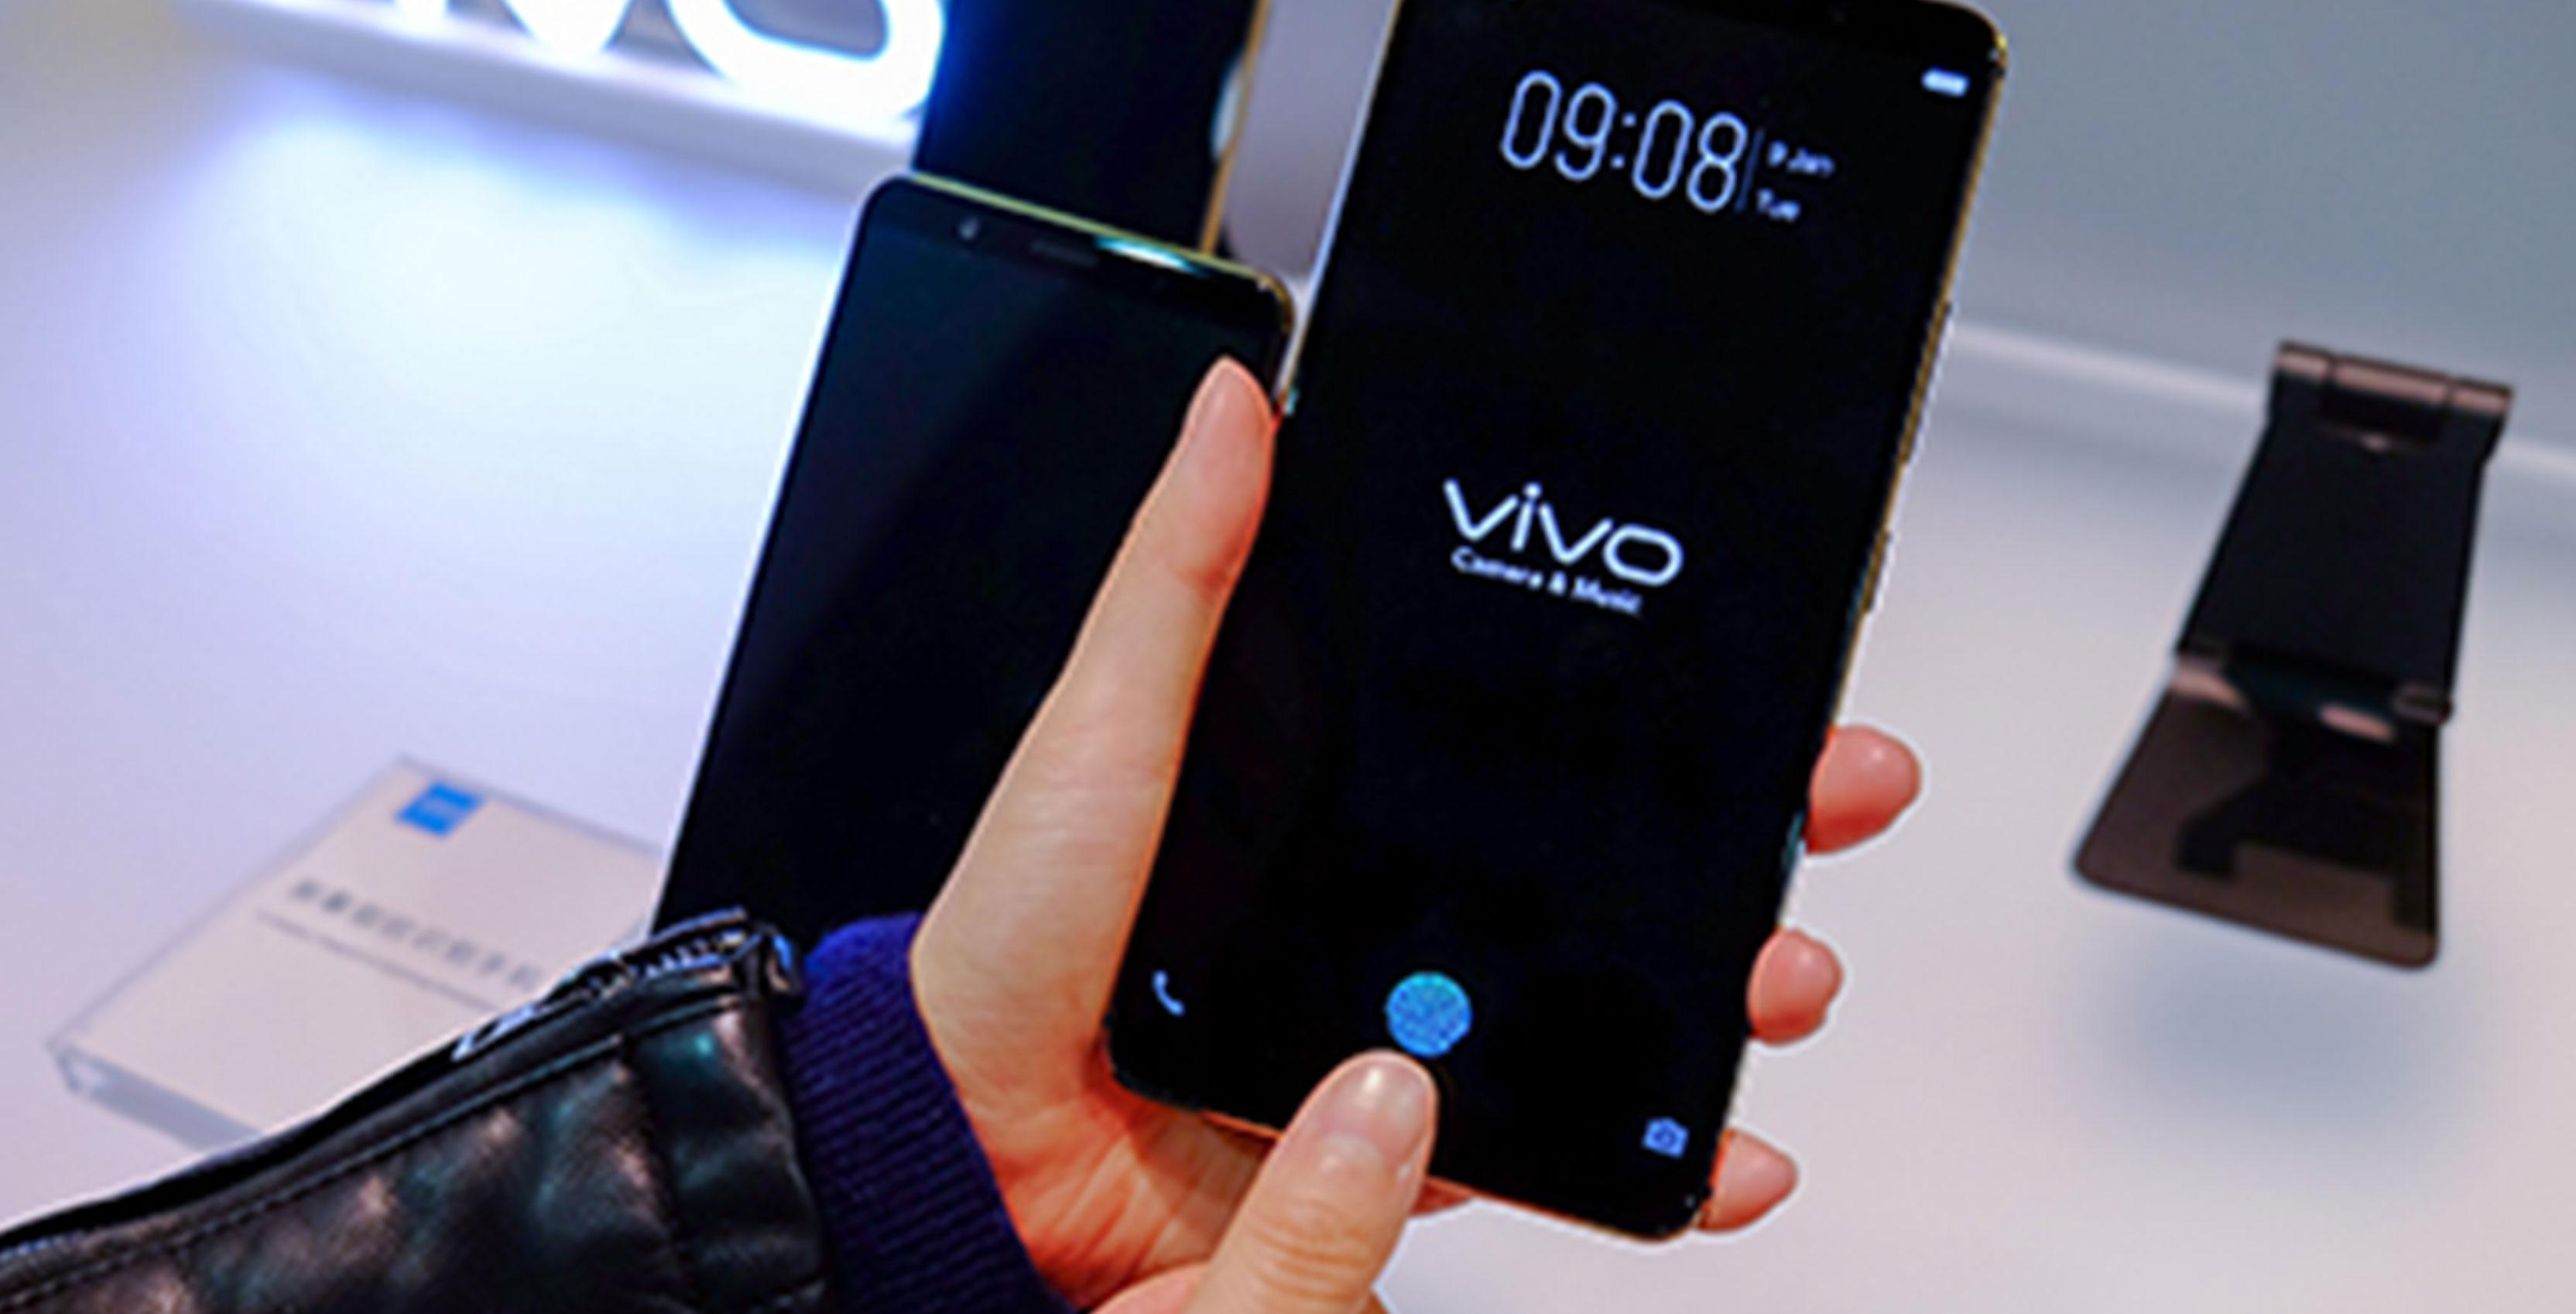 Vivo phone with in-display fingerprint scanner